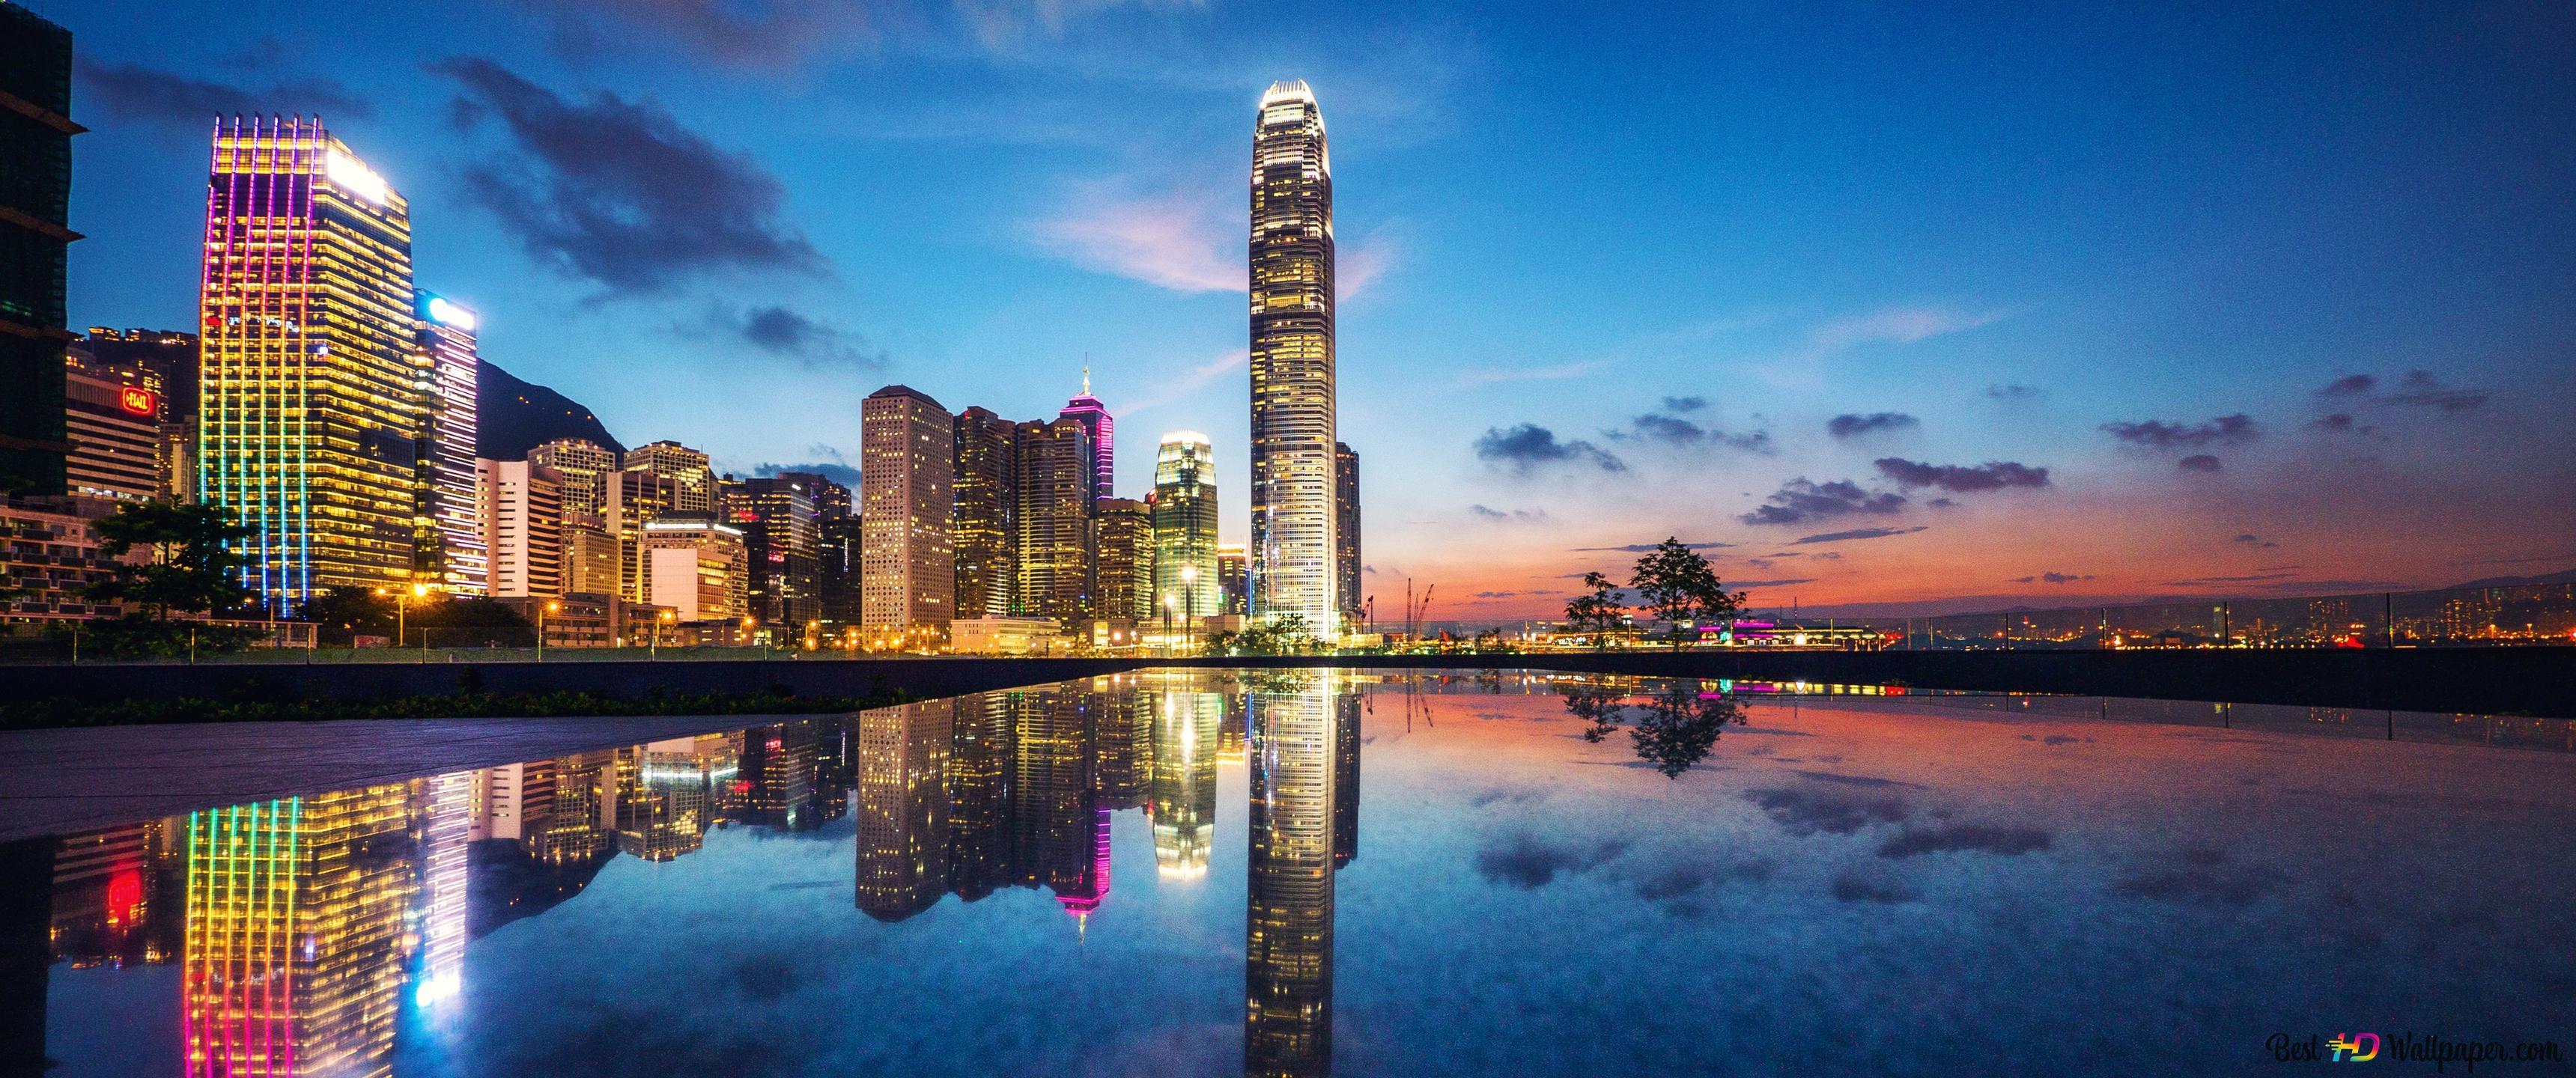 香港と彼の夜の美しさ Hd壁紙のダウンロード